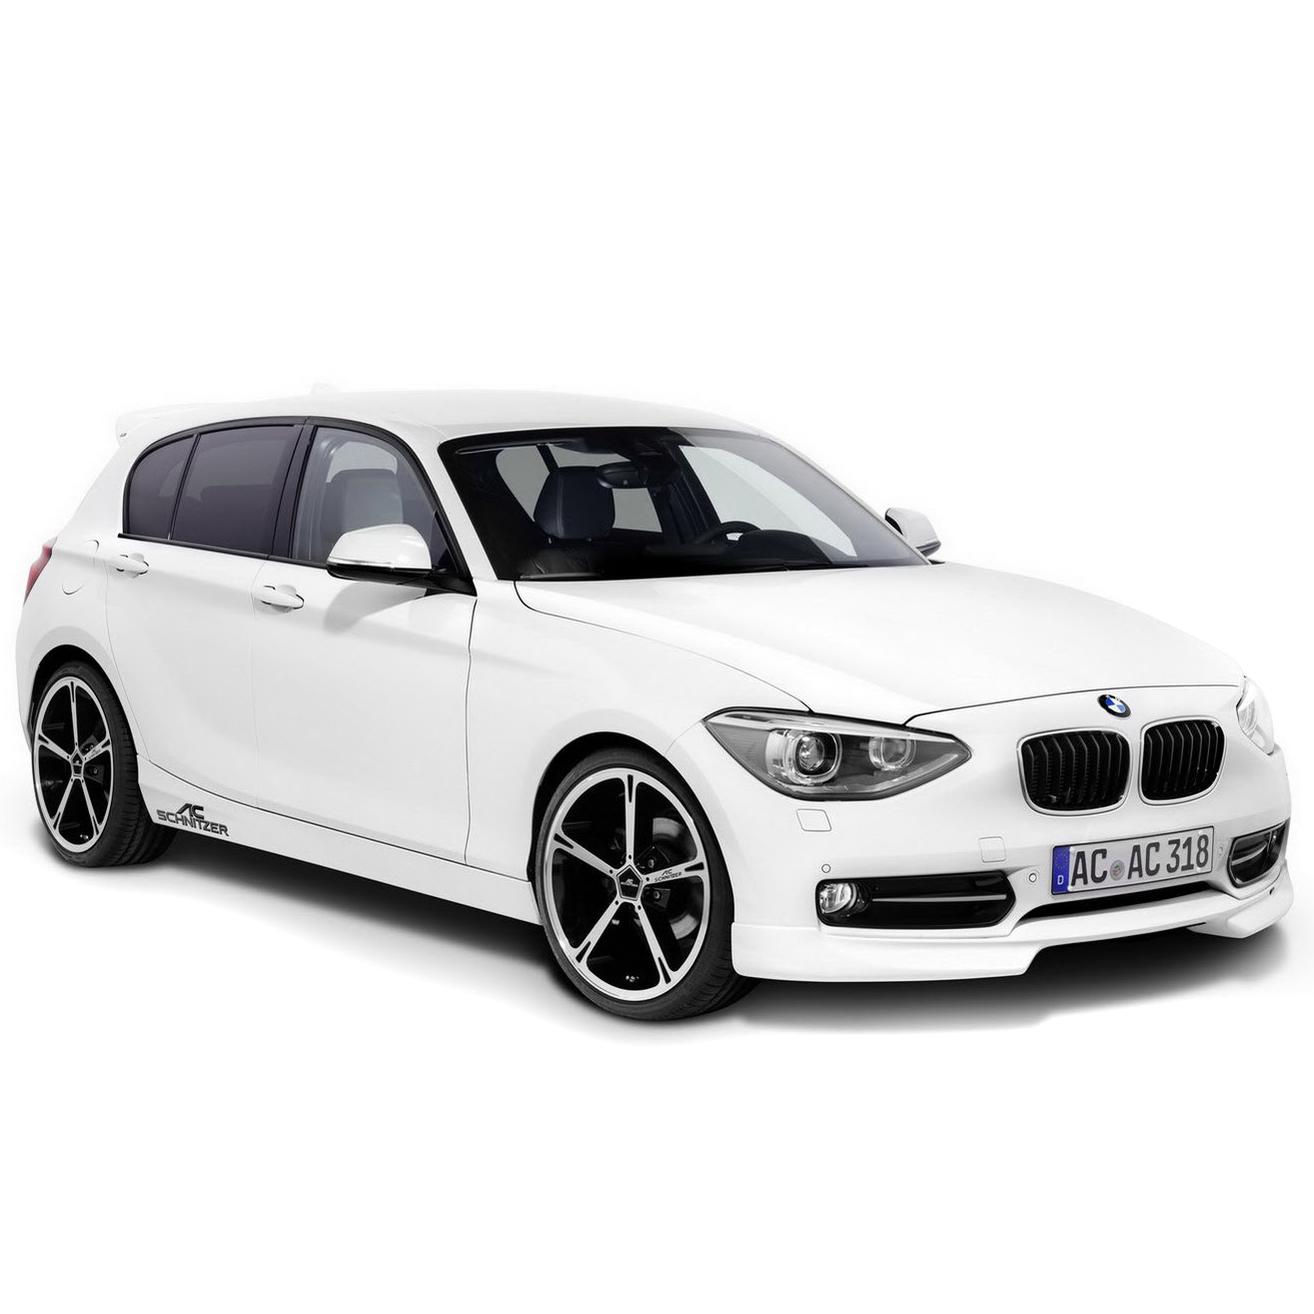 BMW 1 Series (F20/F21) 2011 - 2019